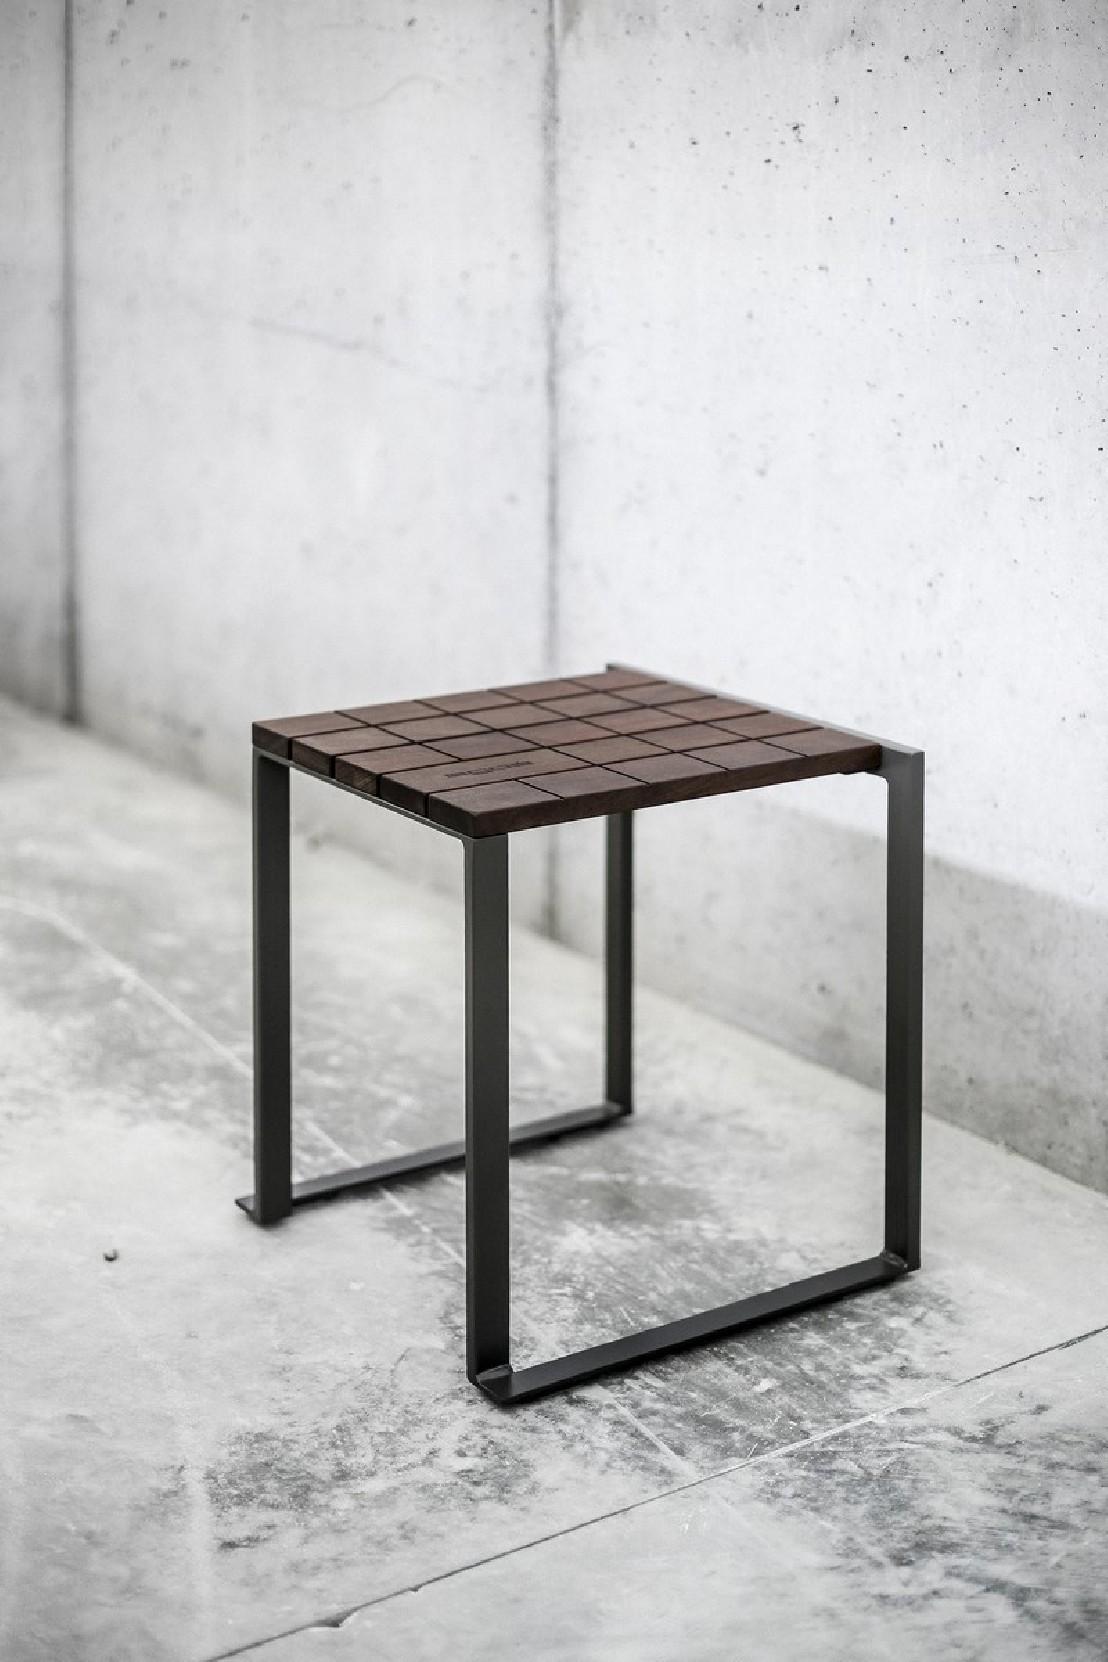 tabouret ext rieur de jardin bistrot en bois massif et acier de couleur seanroyale. Black Bedroom Furniture Sets. Home Design Ideas